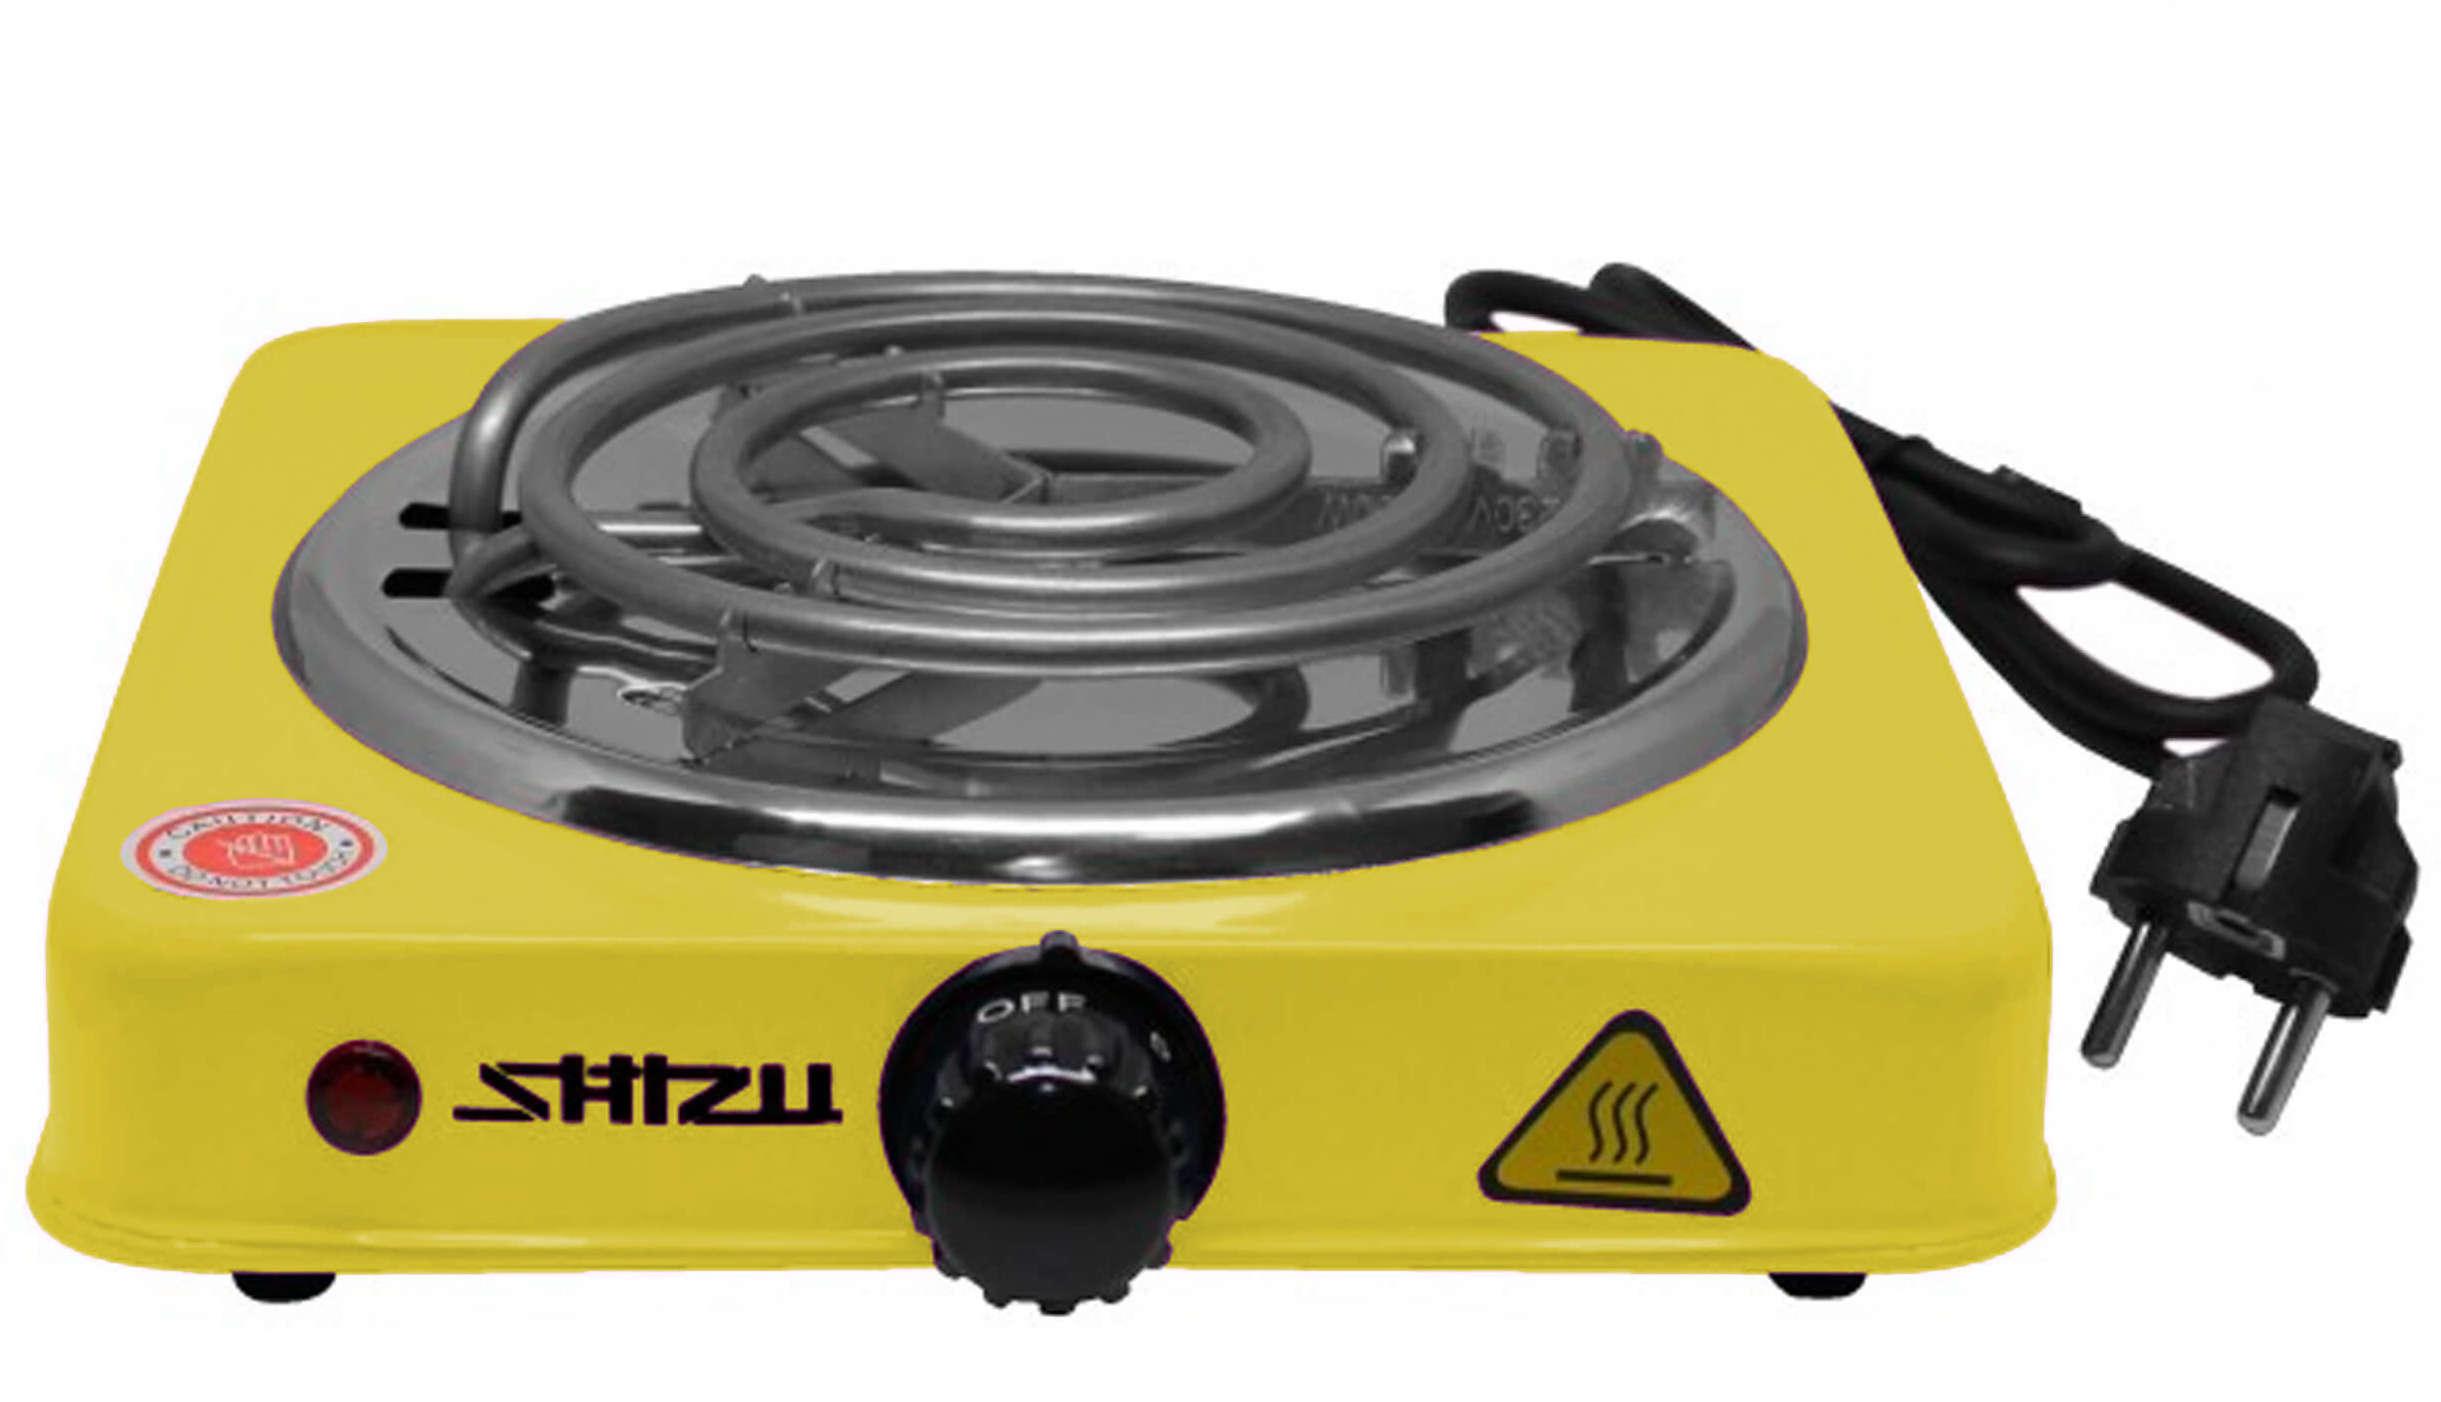 ShiZu - Kohleanzünder (elektrisch) | Gelb